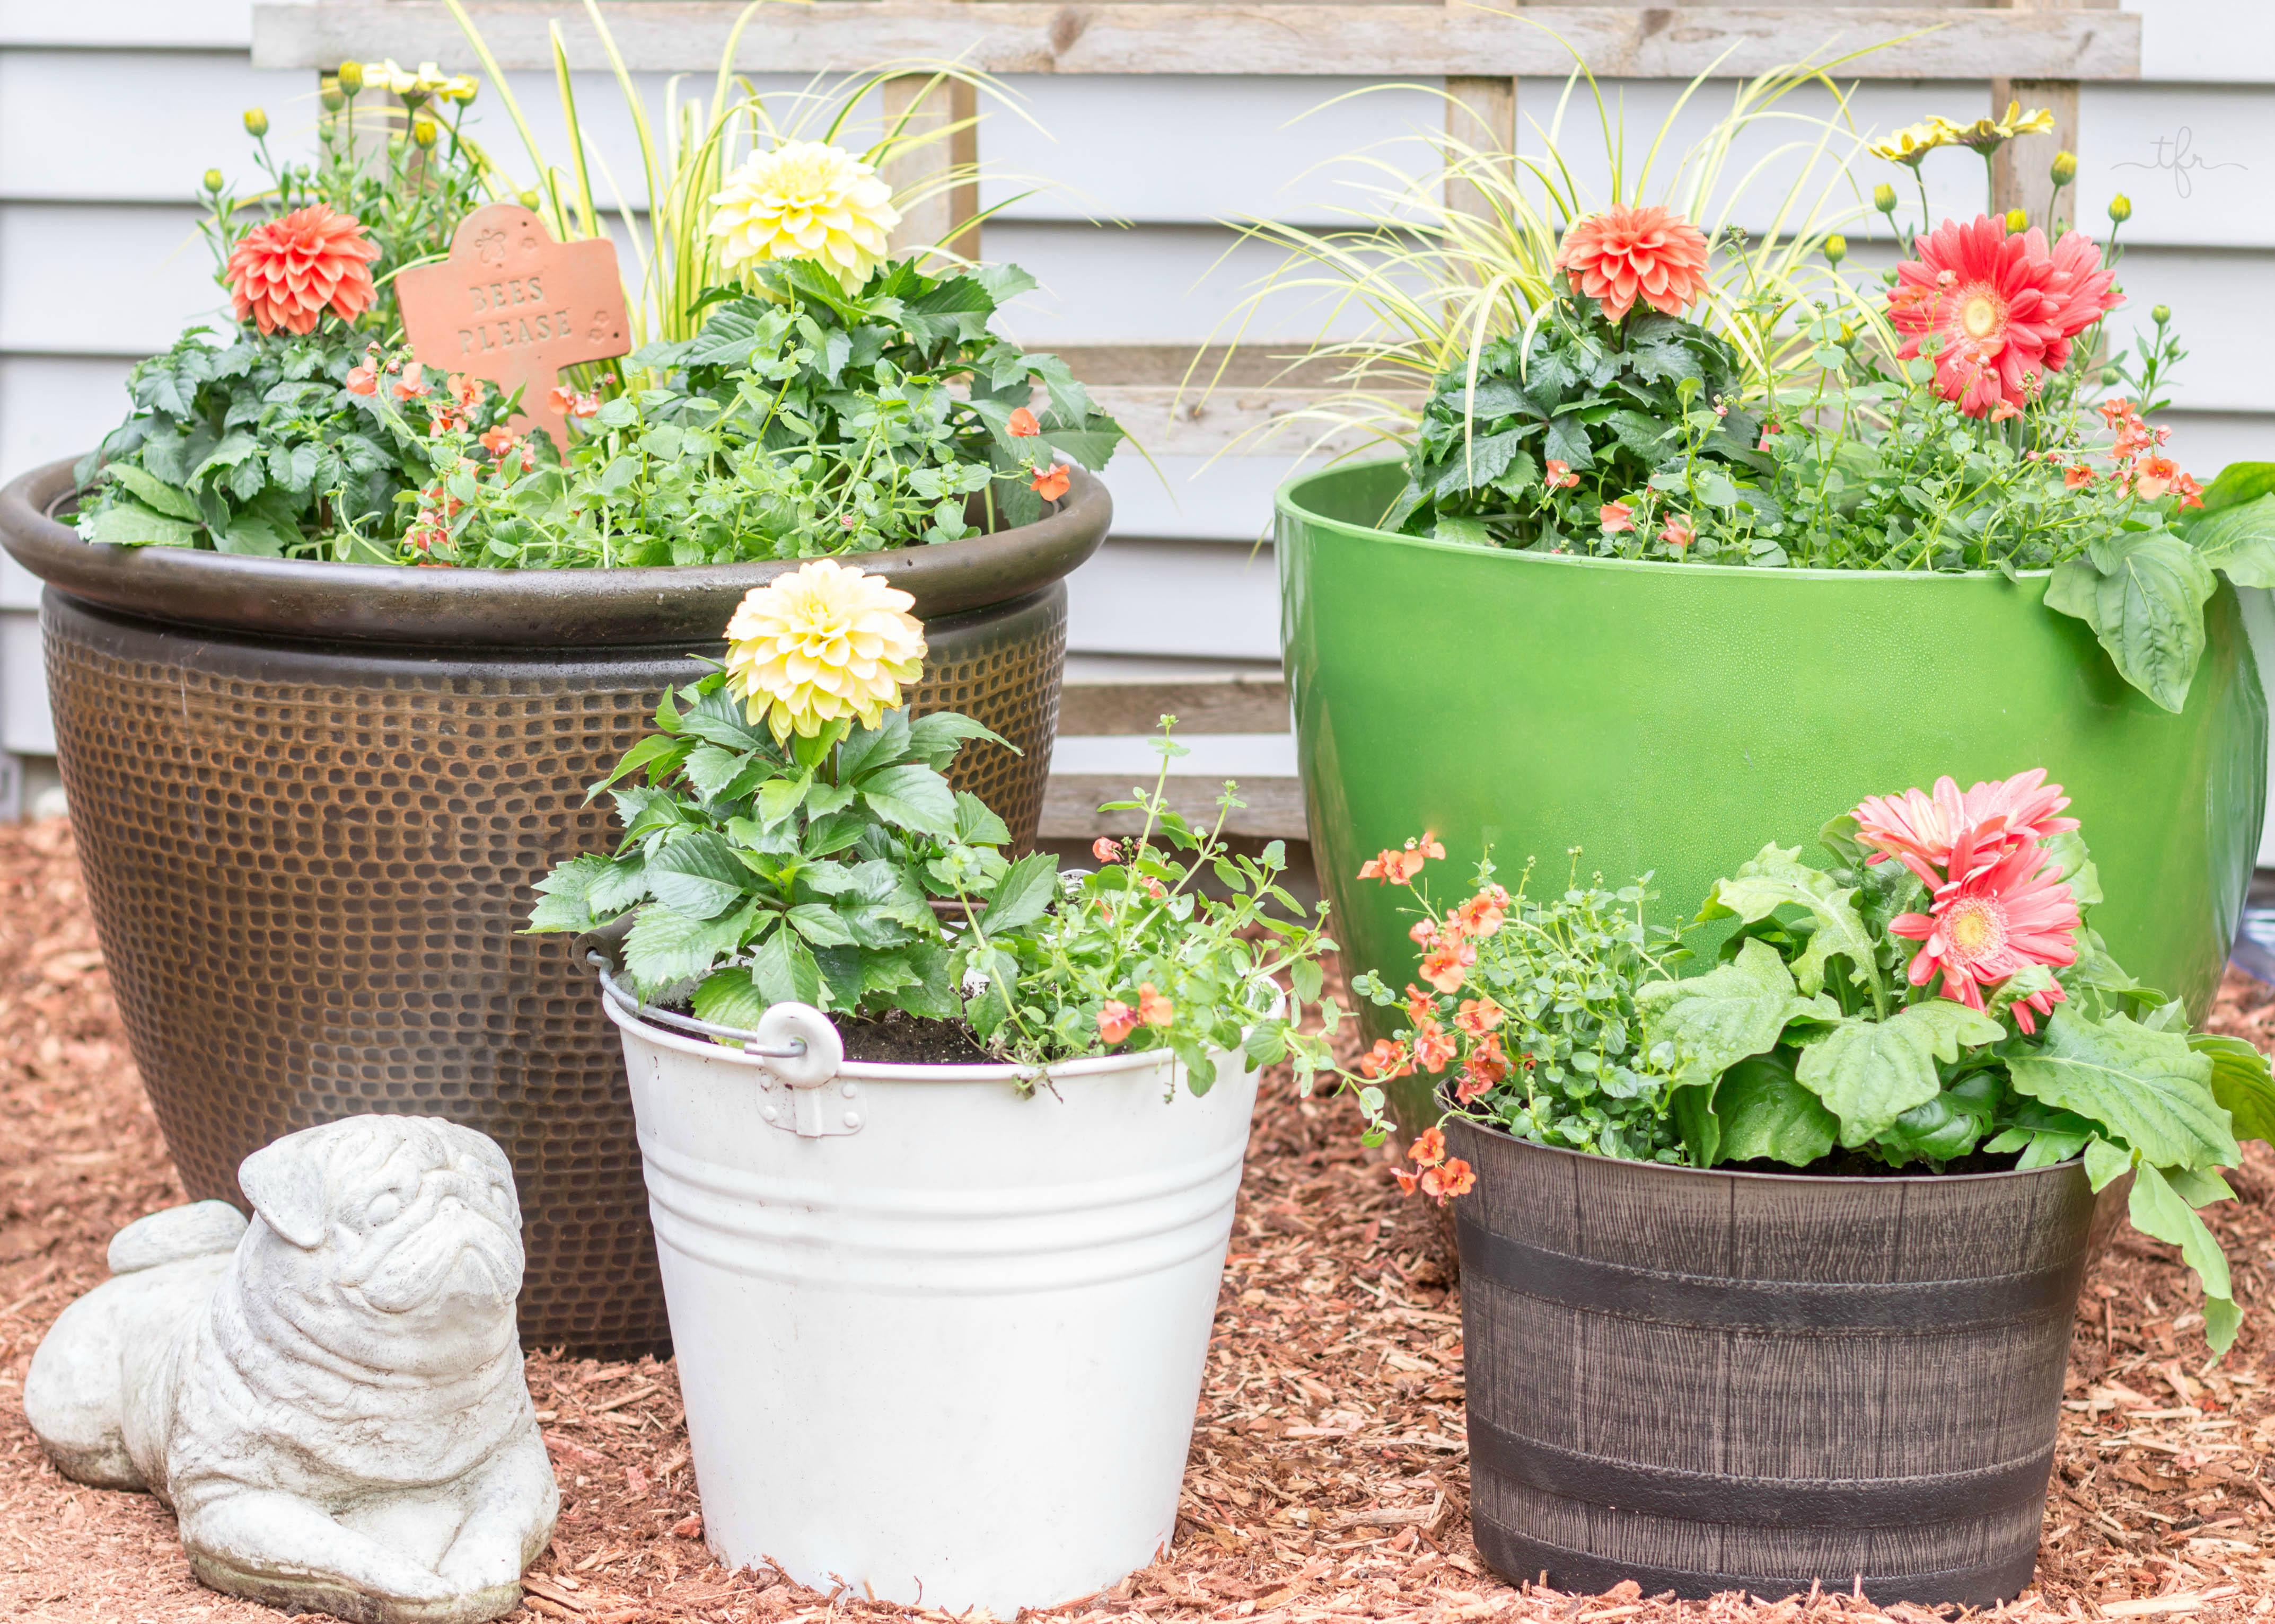 Design Your Own Container Garden Lyrics